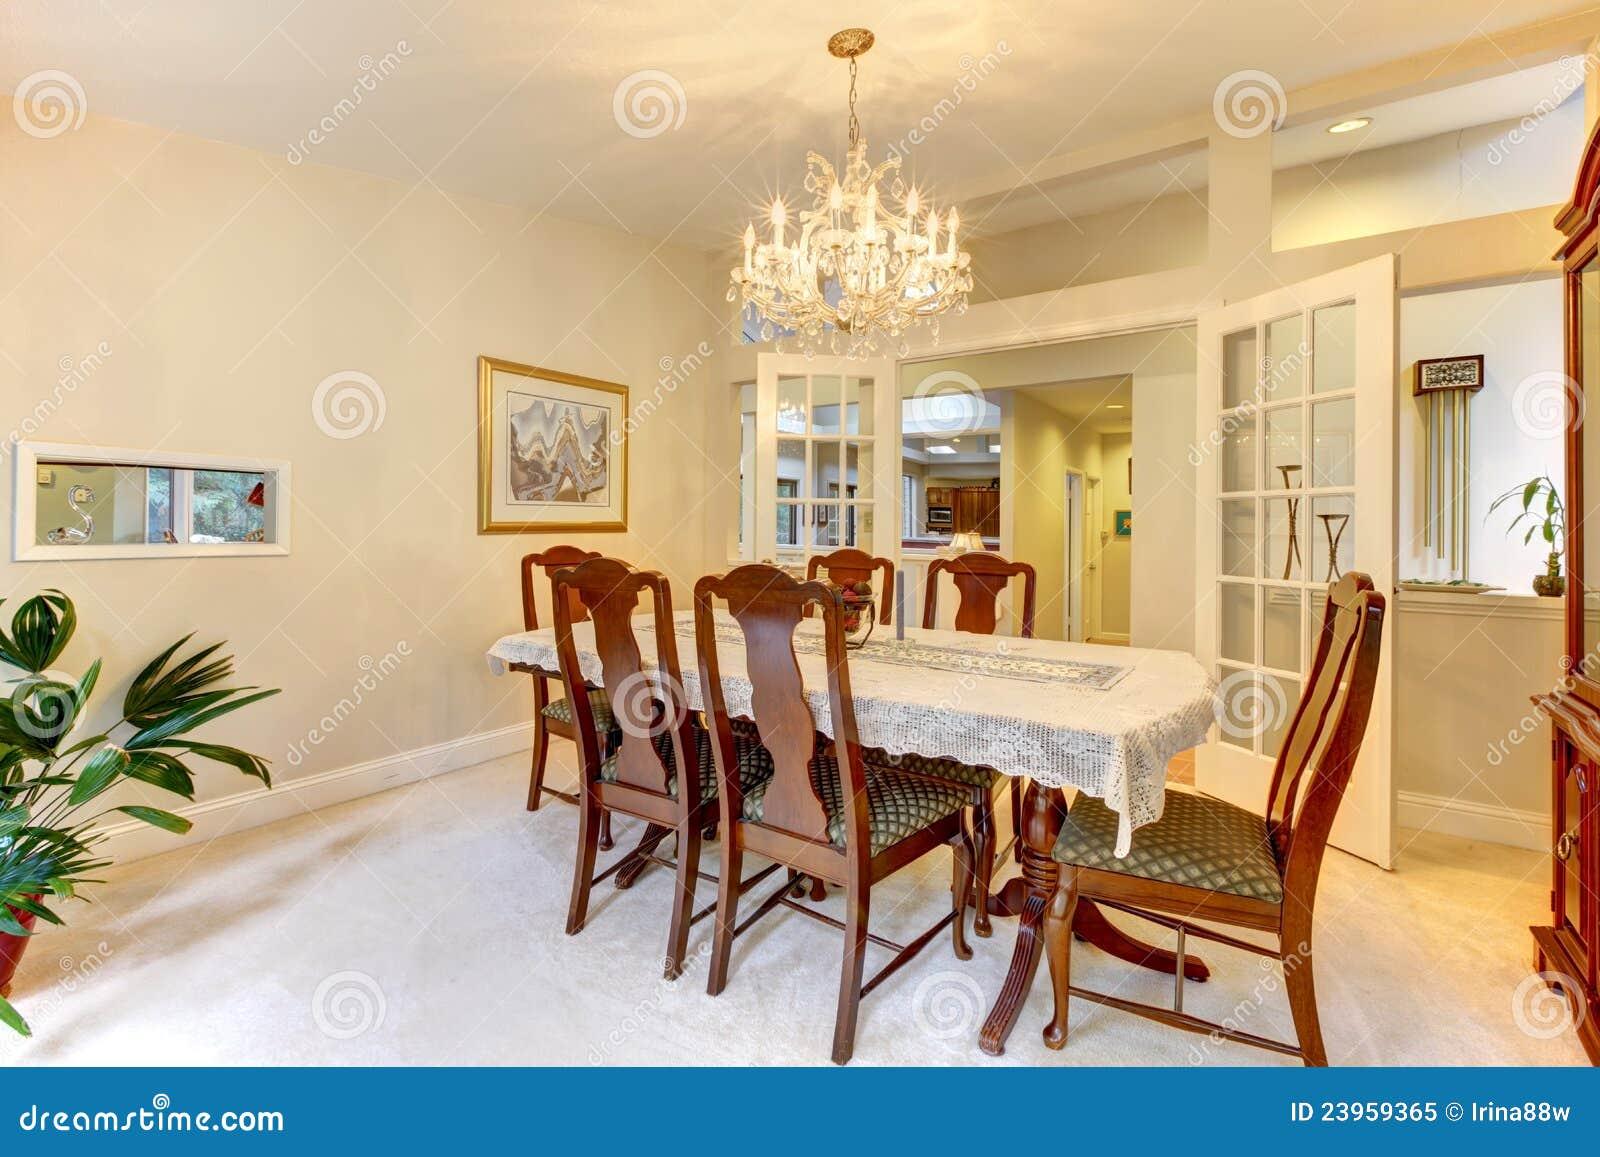 Int rieur am ricain classique de salle manger image - Decoration interieur americain ...